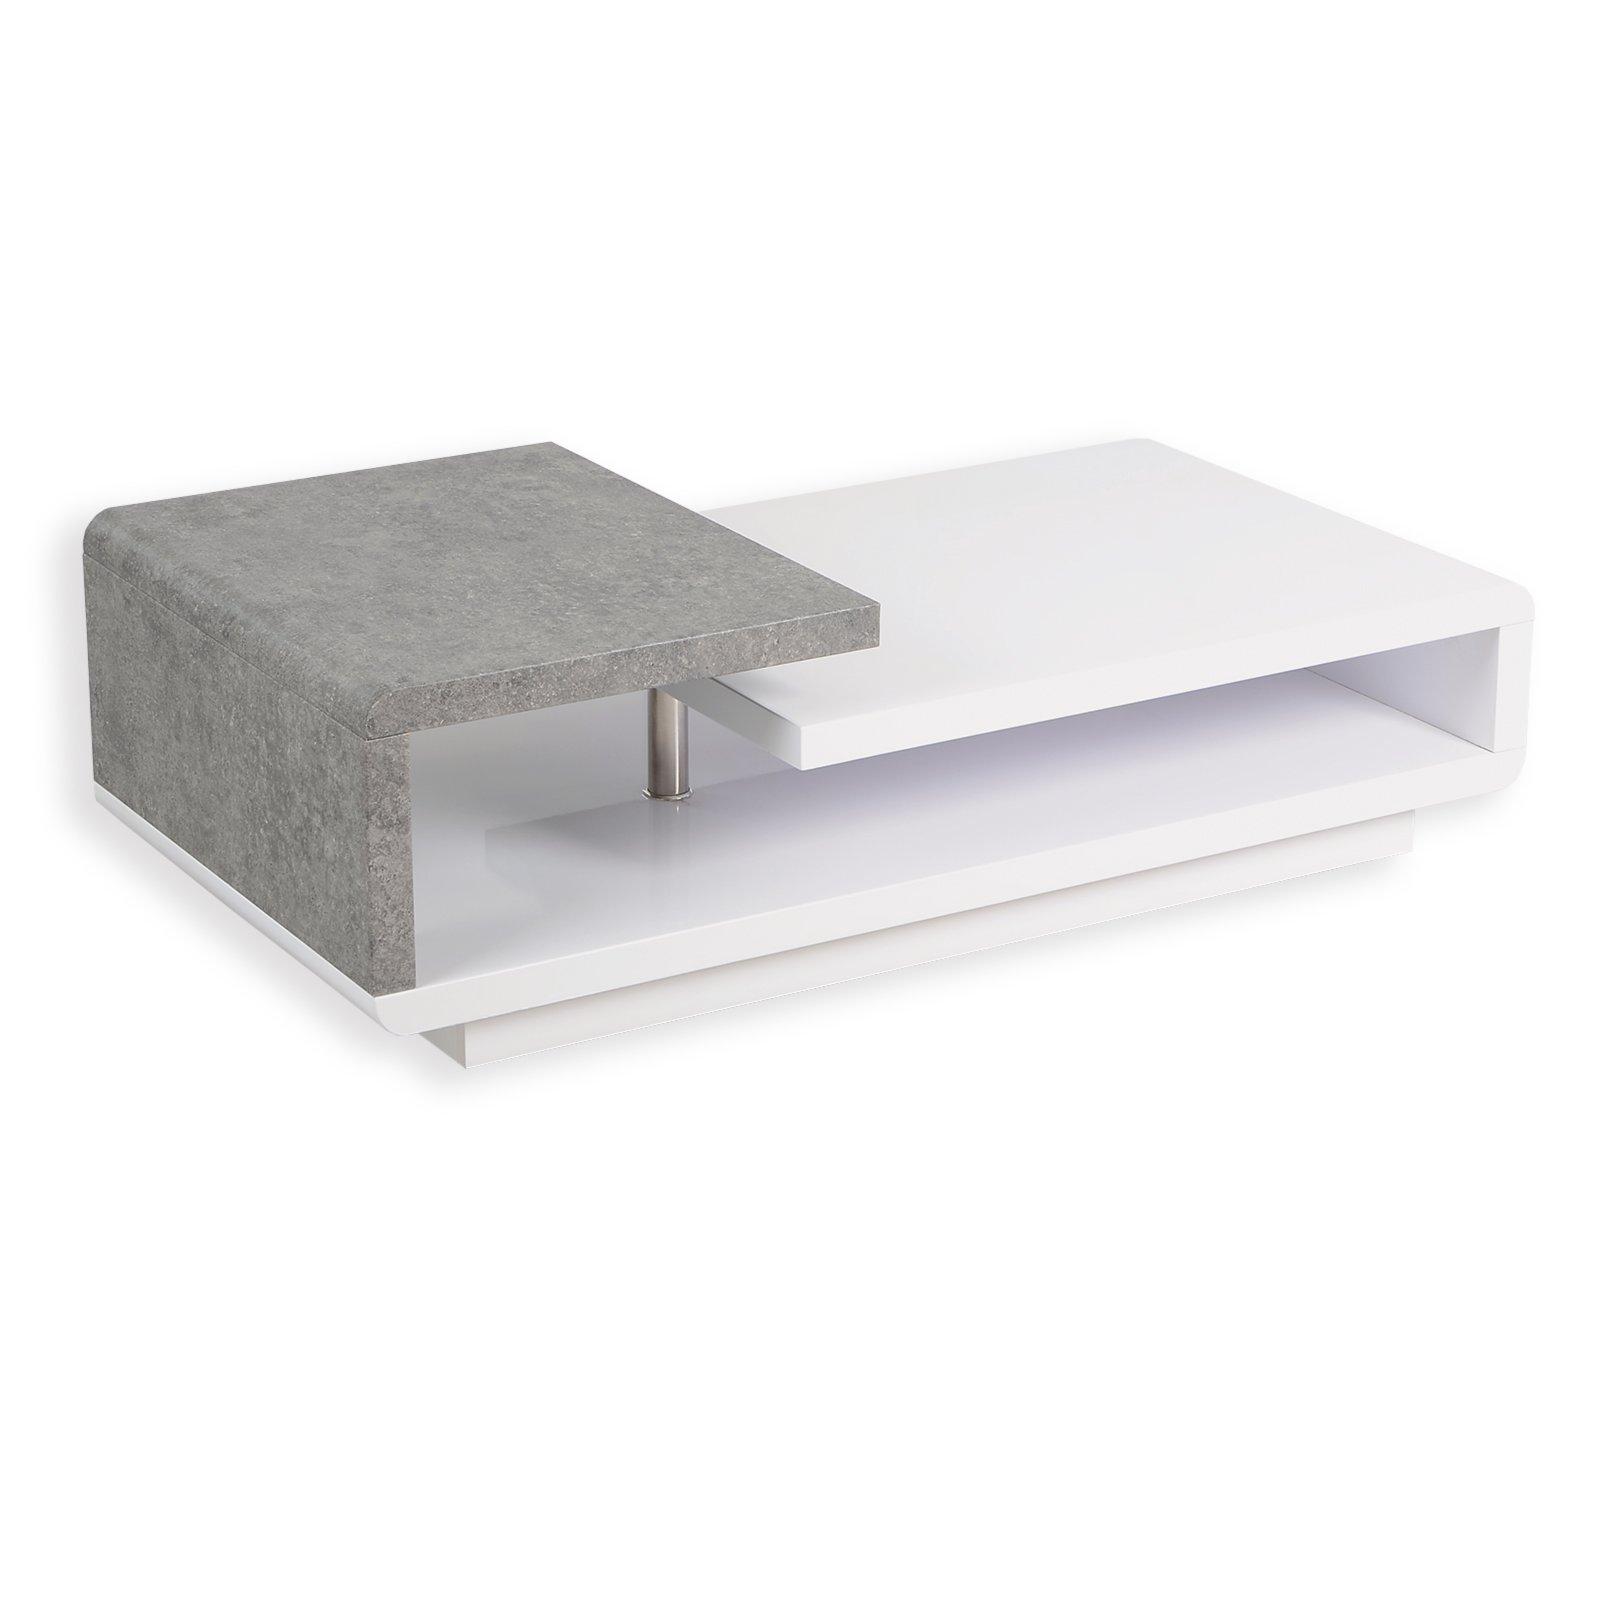 couchtisch nala wei hochglanz betonoptik 120 cm couchtische wohnzimmer wohnbereiche. Black Bedroom Furniture Sets. Home Design Ideas